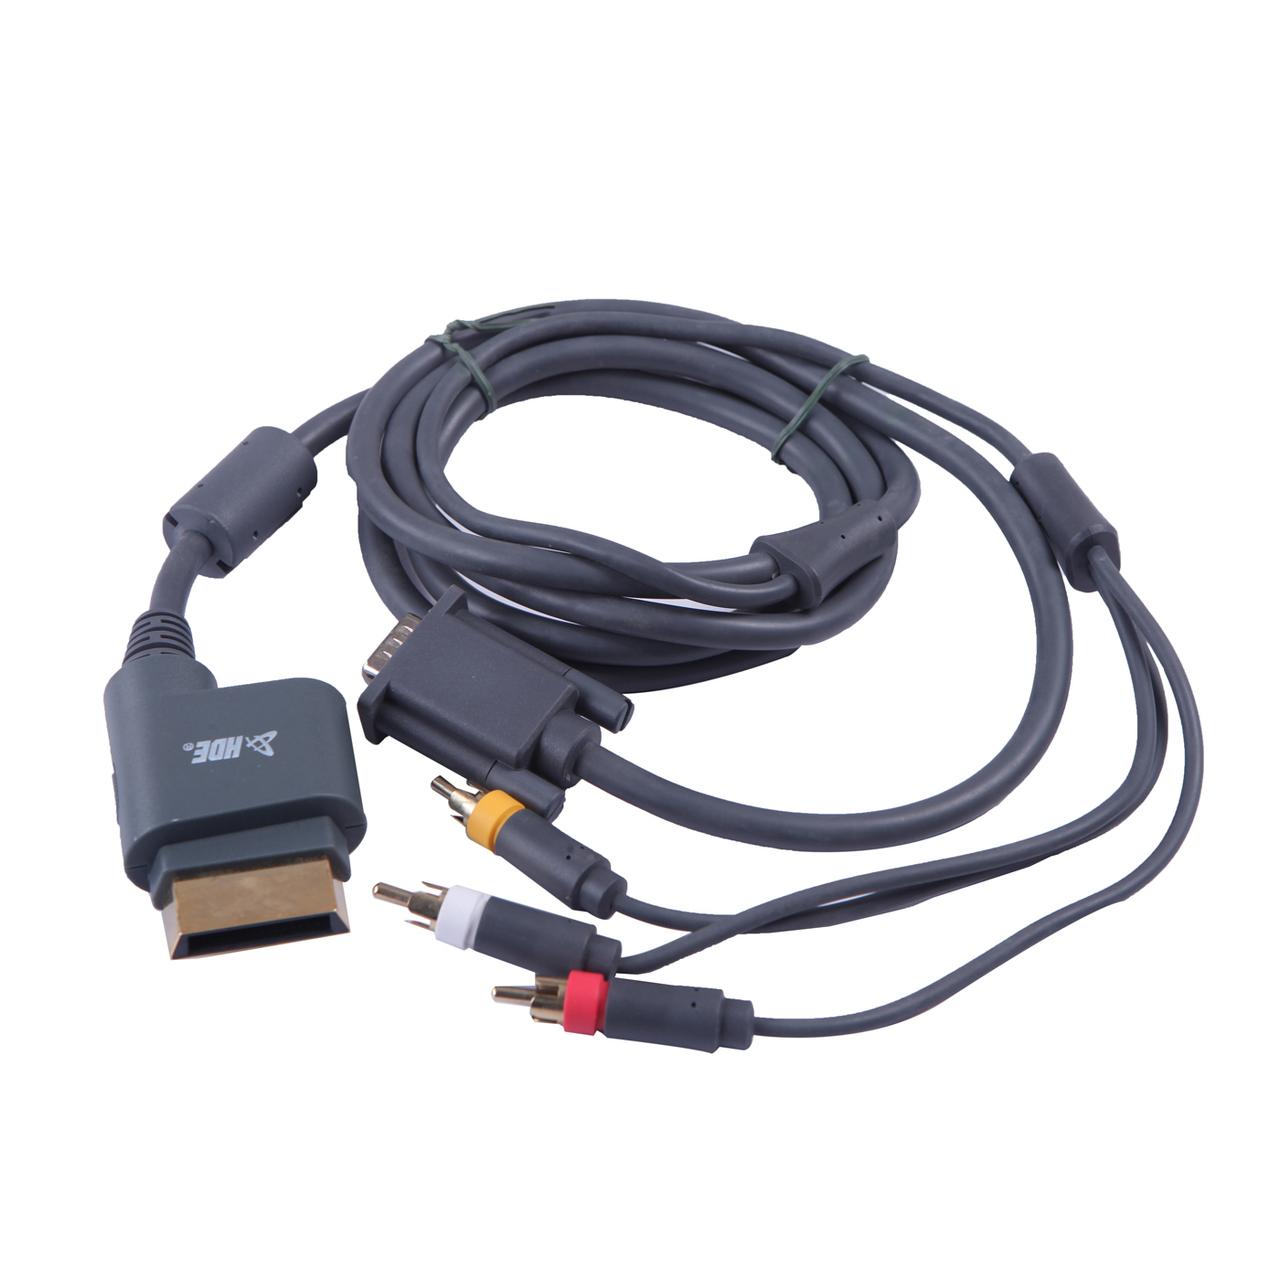 کابل انتقال تصویر مدل B8V-00008 مناسب برای XBOX 360